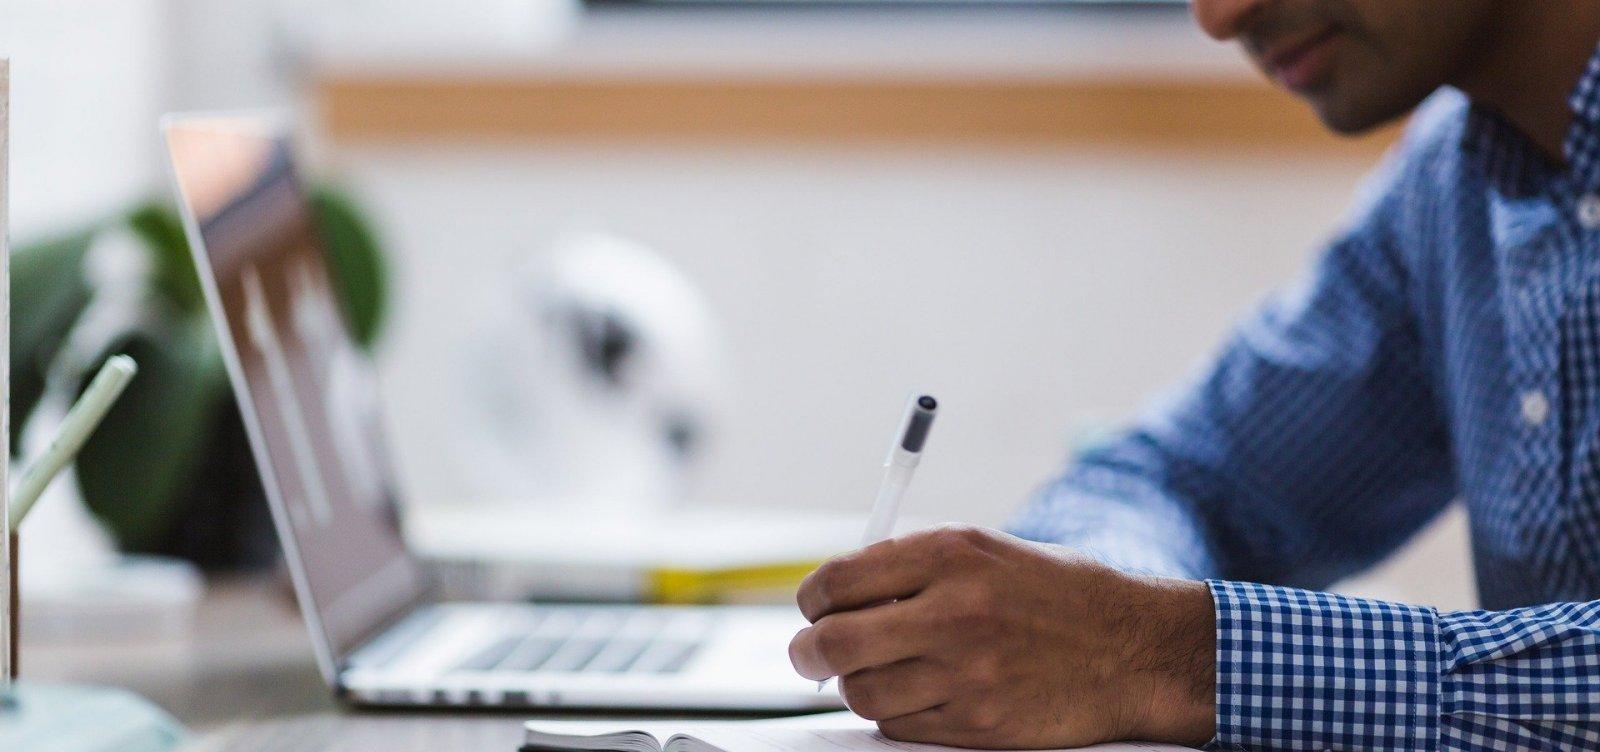 Mais de 1,4 milhão de alunos 'somem' dos cálculos do MEC em repasse de recursos do Fundeb